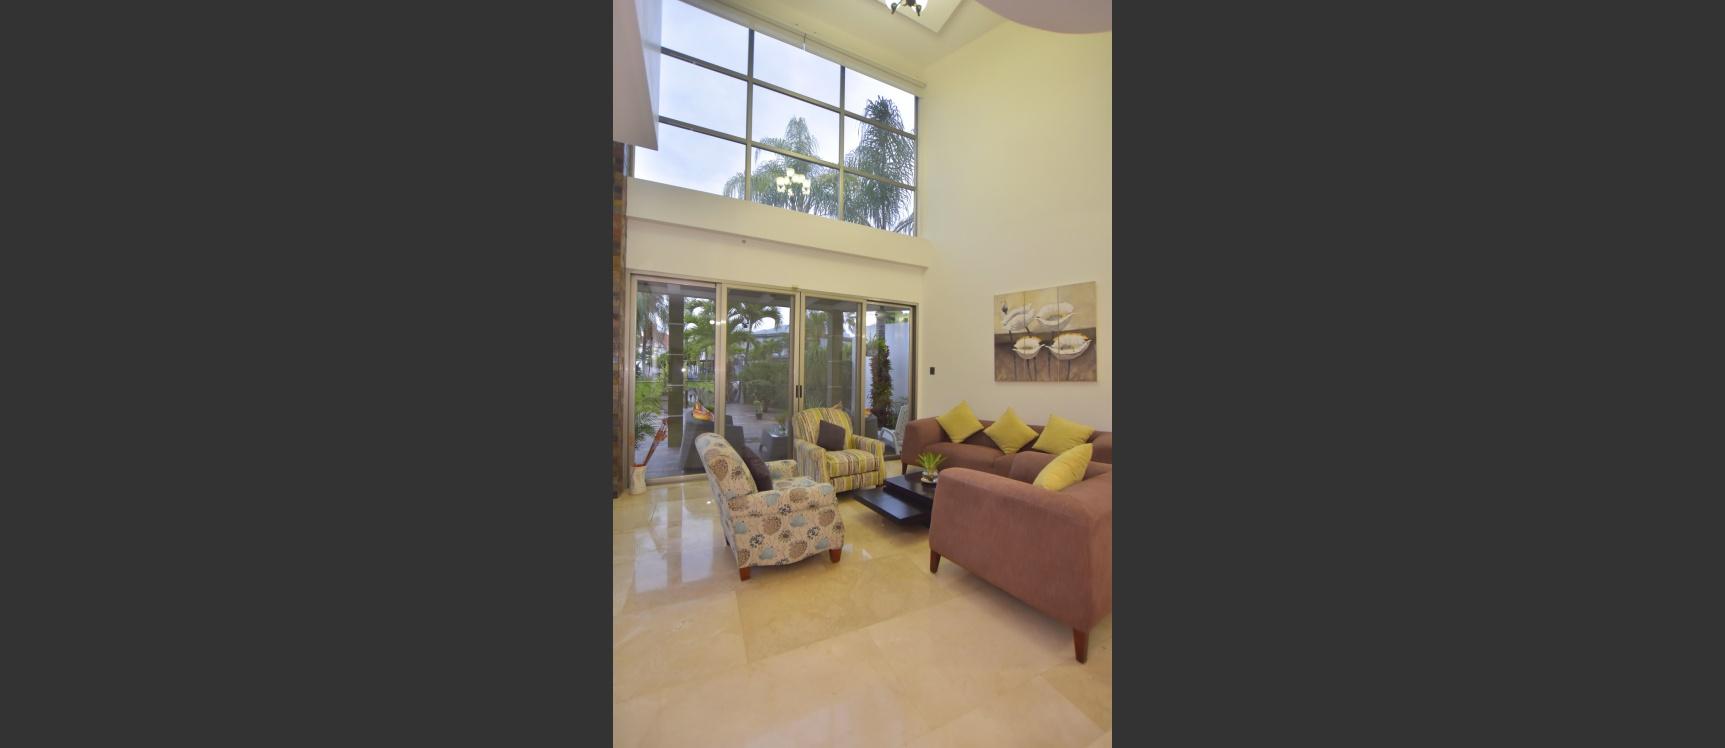 GeoBienes - Casa en venta en urbanización Laguna del Sol, Samborondón - Plusvalia Guayaquil Casas de venta y alquiler Inmobiliaria Ecuador